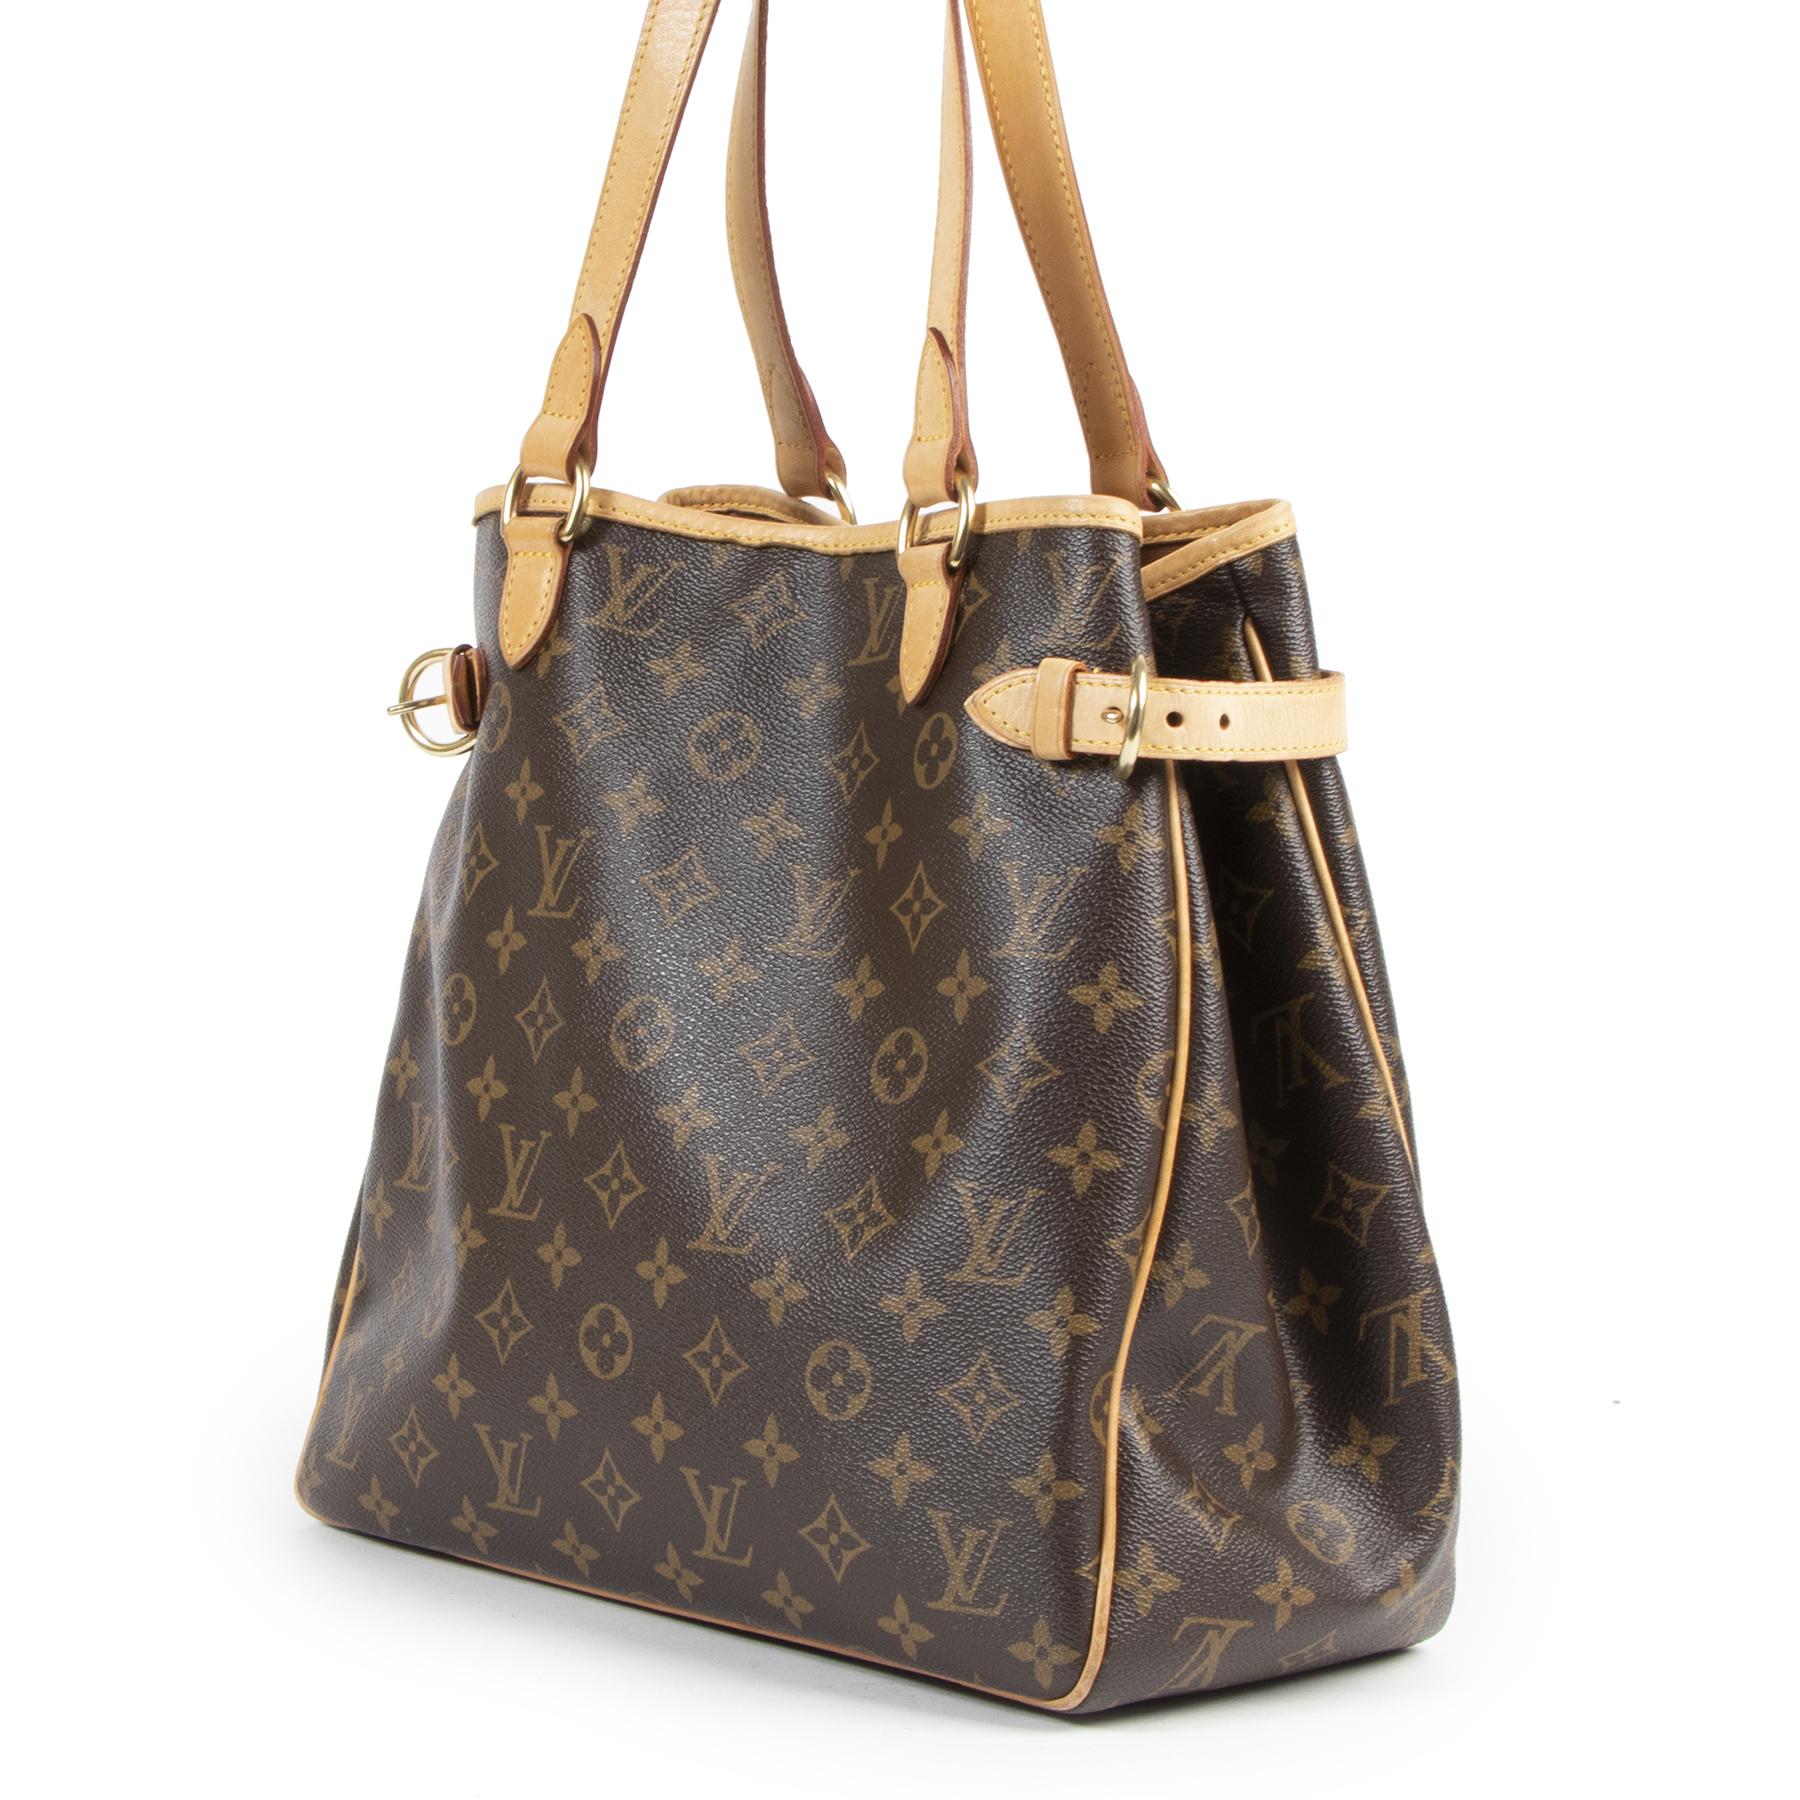 Louis Vuitton Batignolles Monogram Shoulder Bag pour le meilleur prix chez Labellov